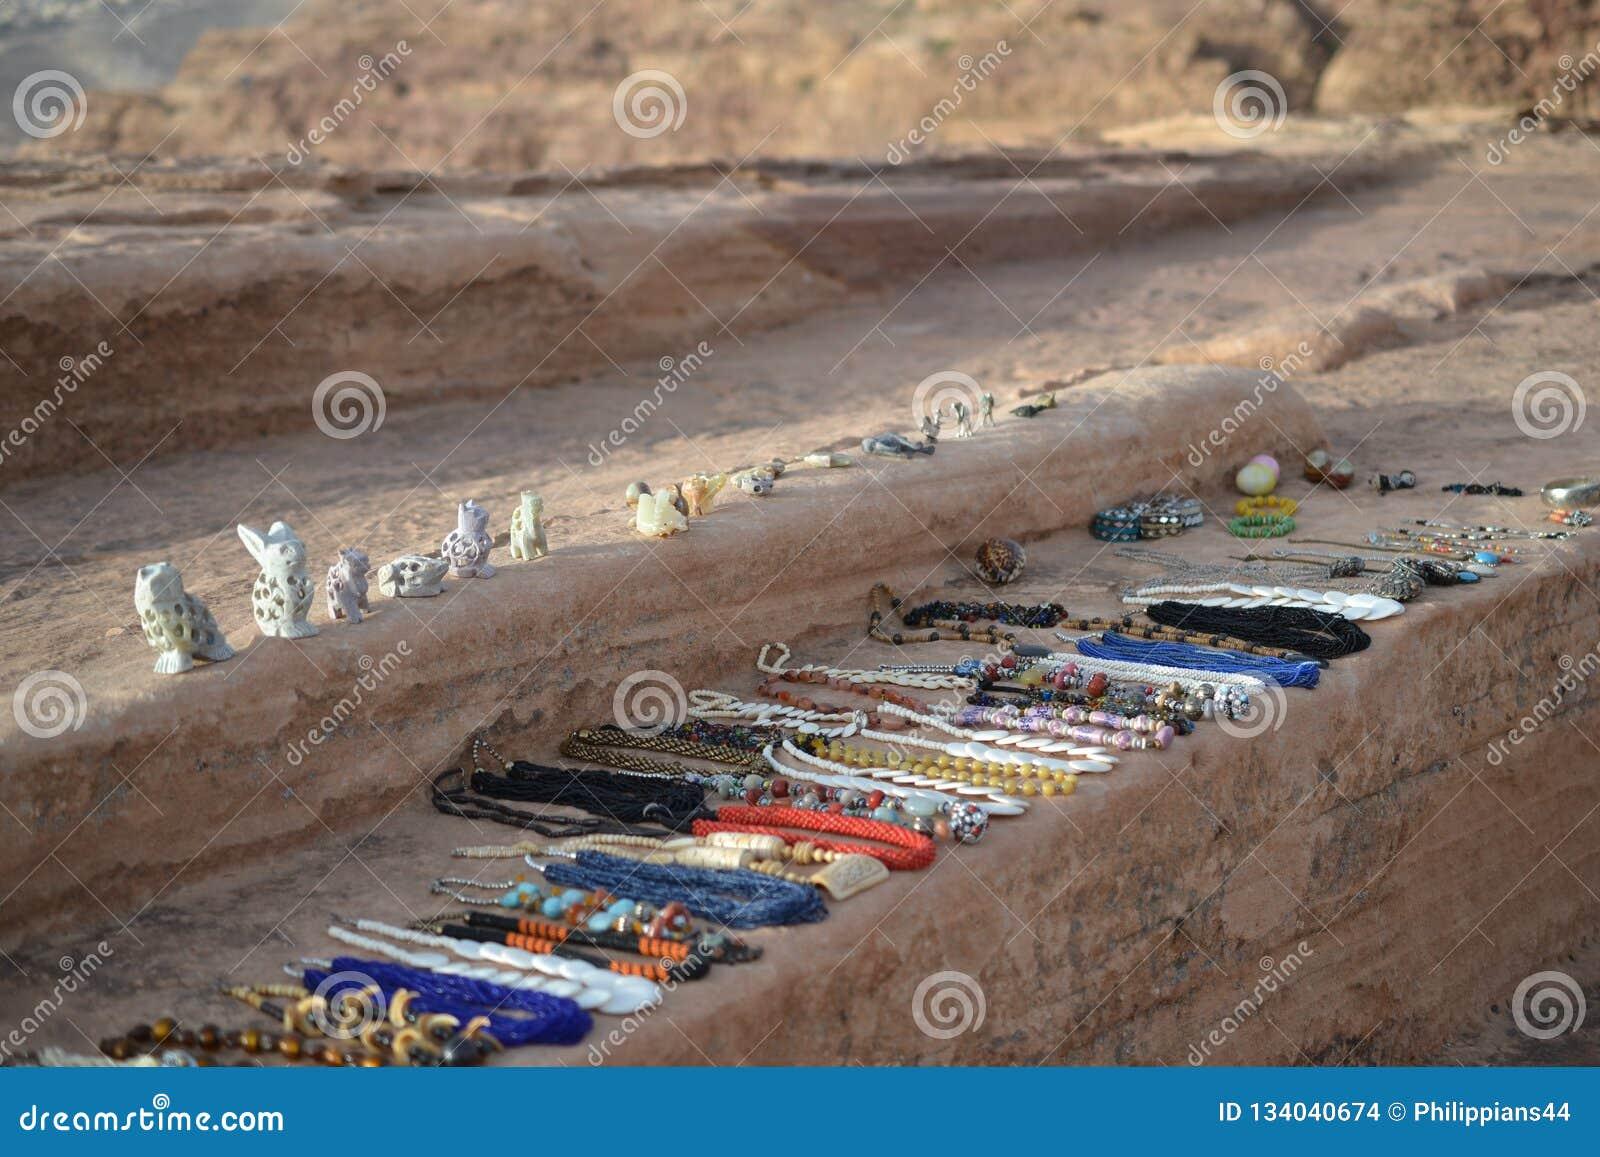 Biżuteria sprzedawał bedouins w Petra, Jordania - antyczny Nabatean miasto w czerwonej naturalnej skale z lokalnymi bedouins i